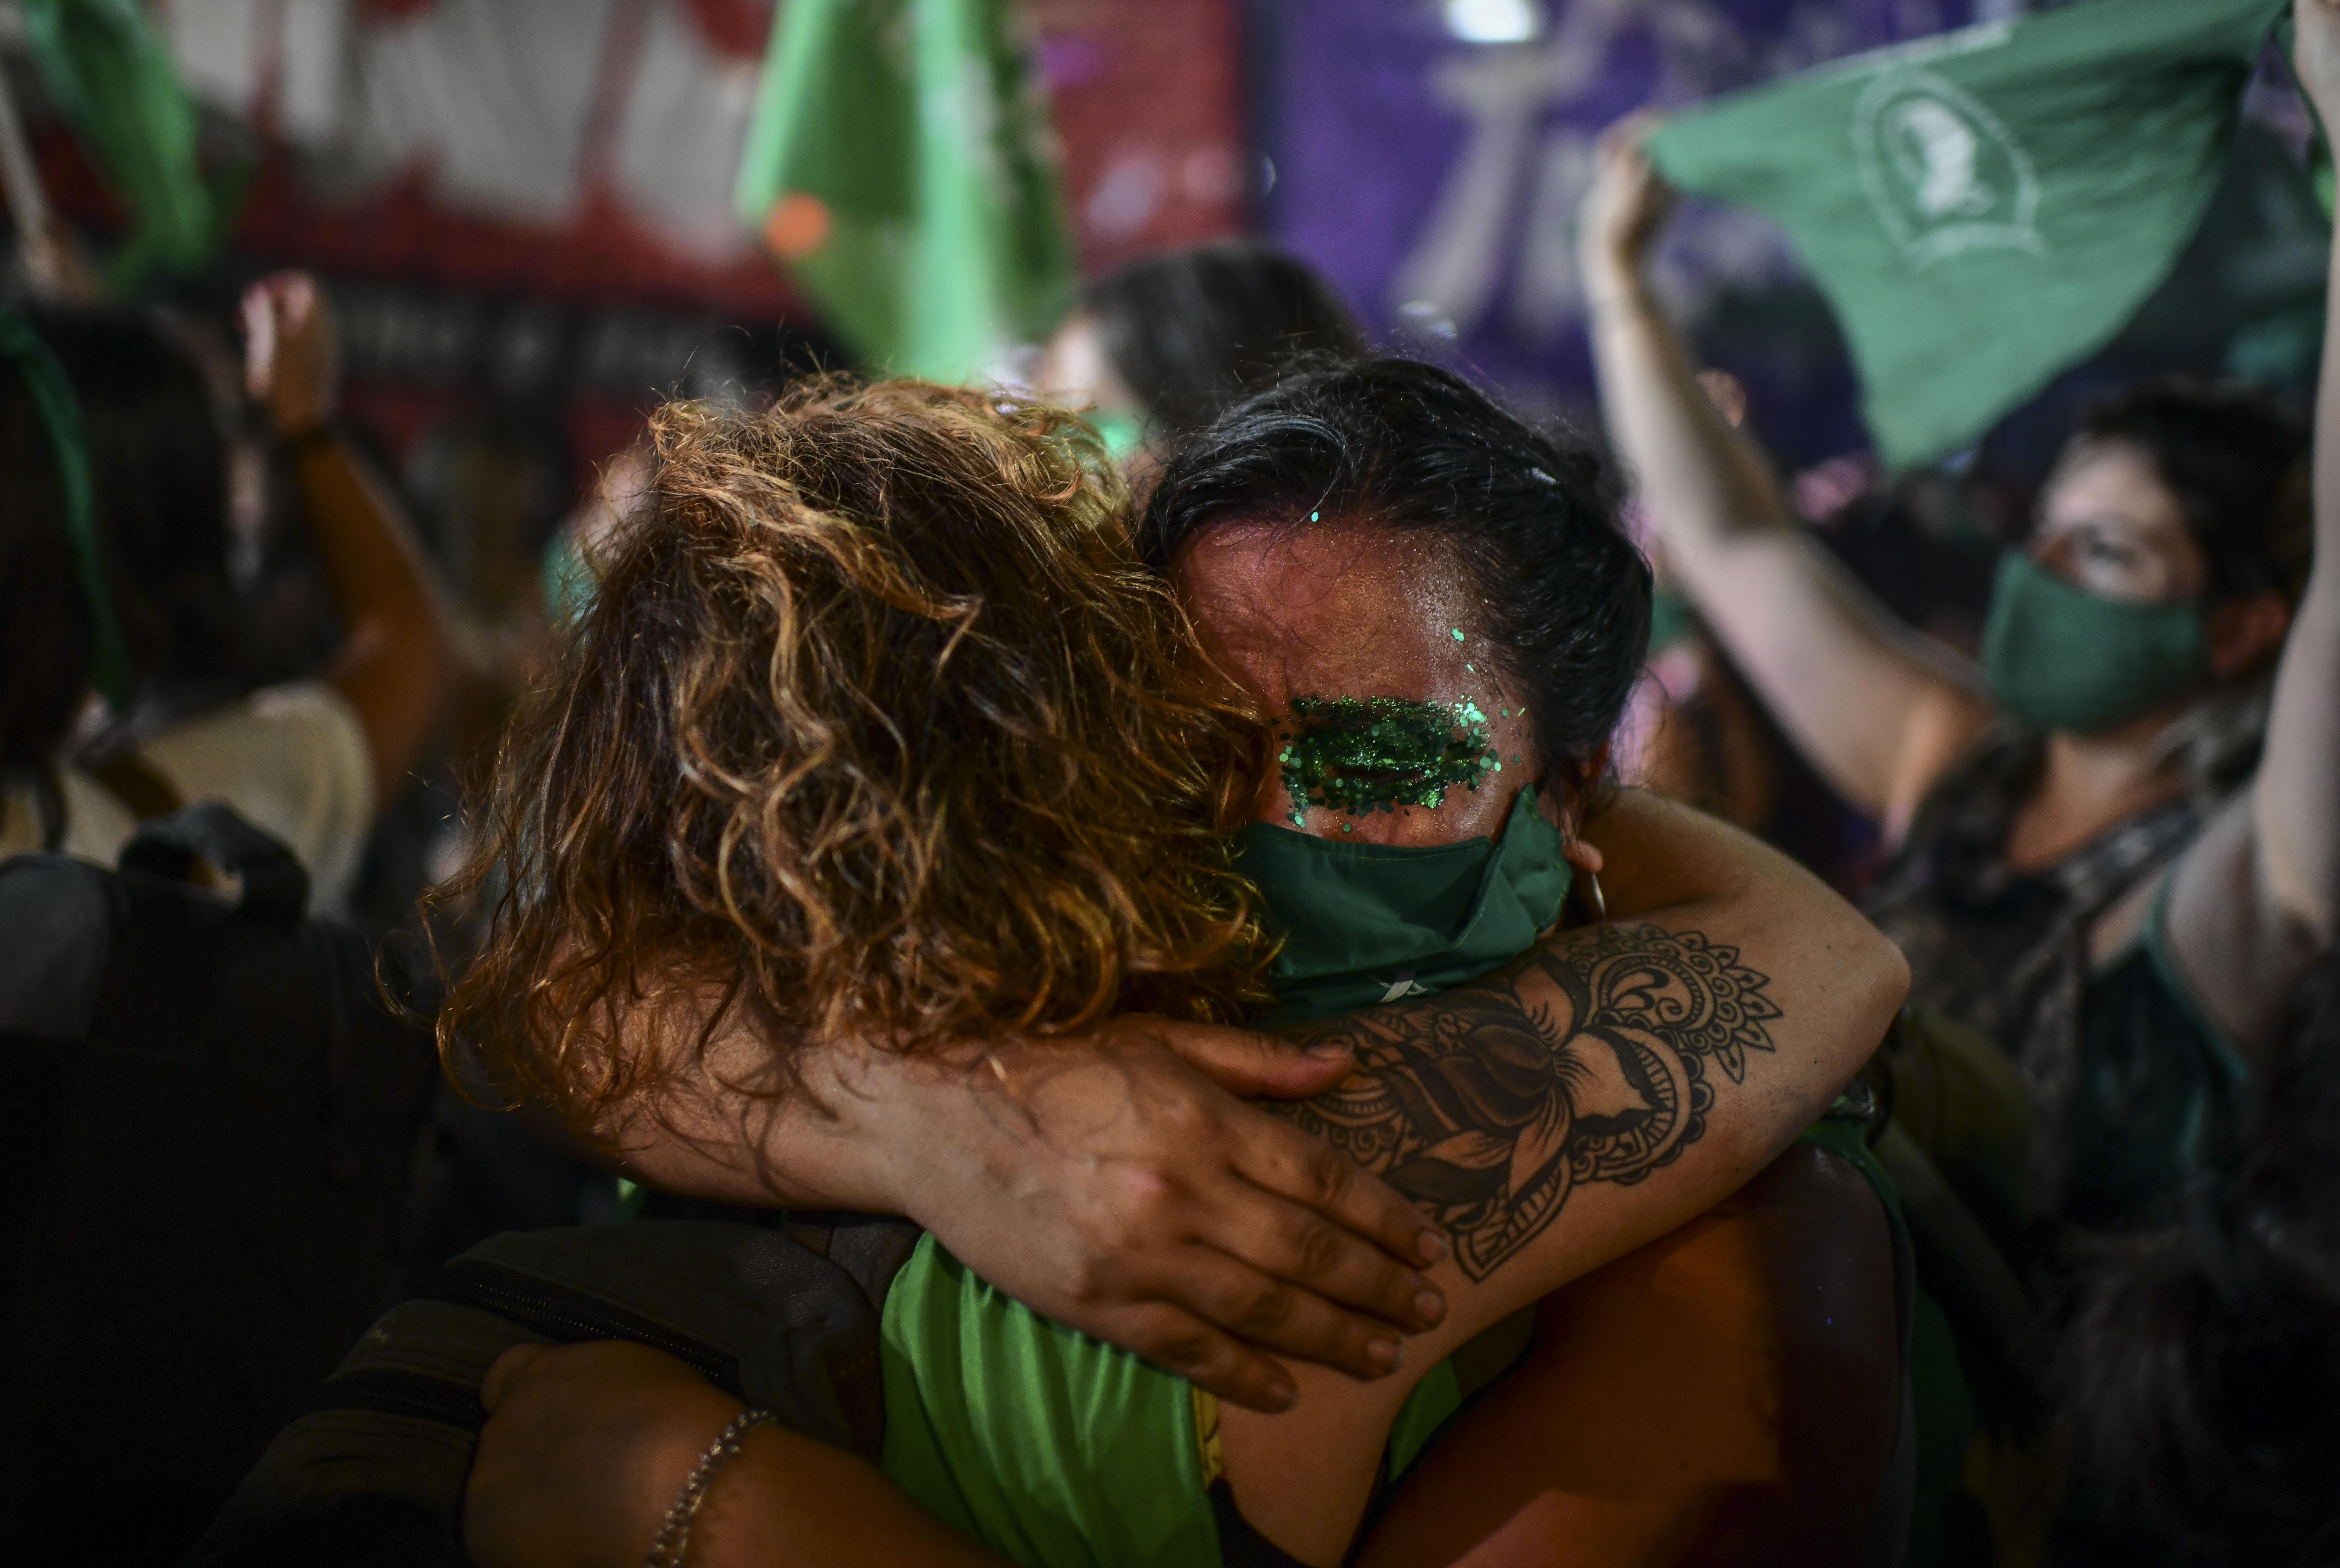 Féminisme, la victoire argentine - Les pibas, l'IVG et la fin du patriarcat (1/3)